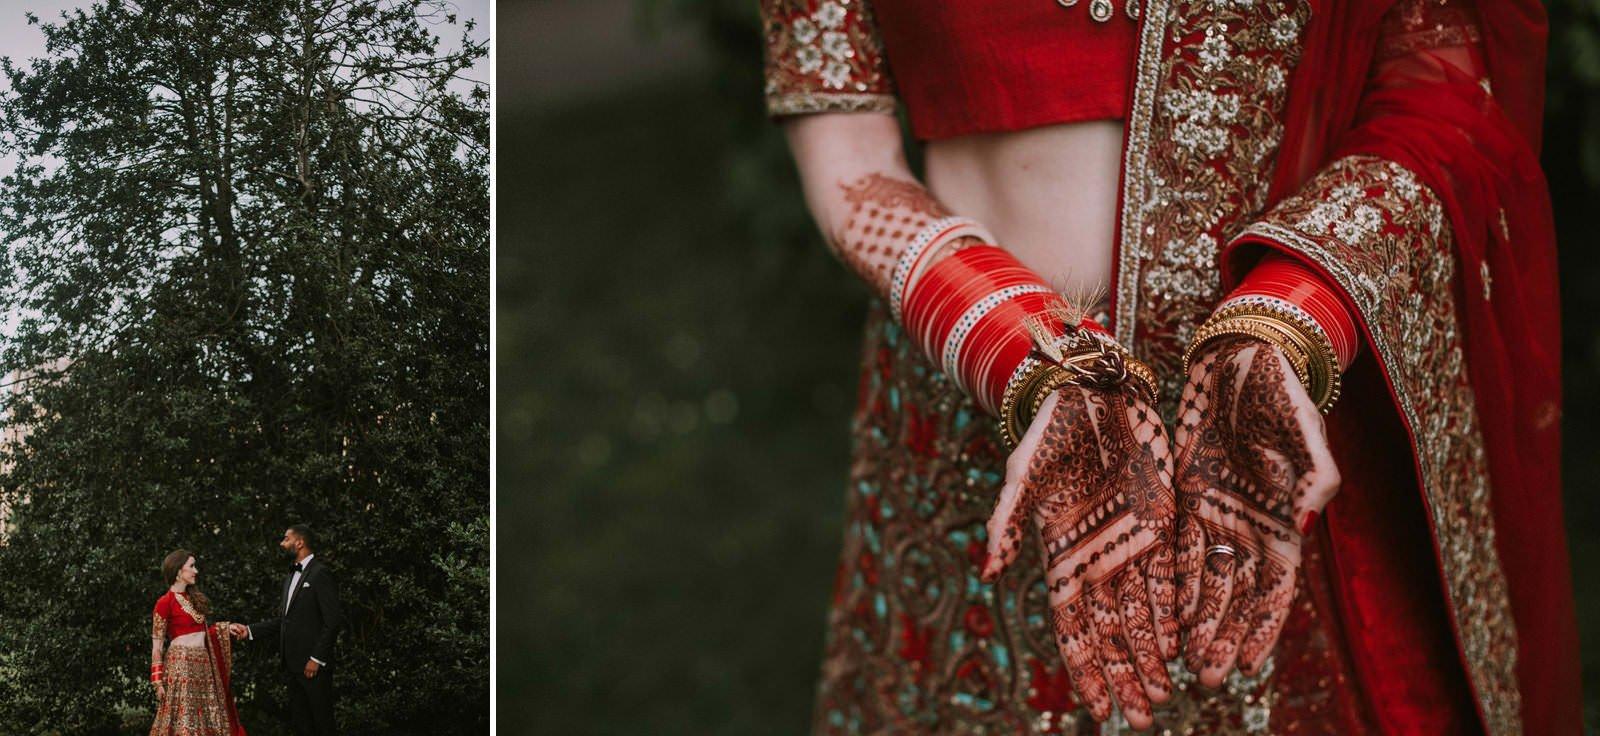 012-one-marylebone-wedding-london-photography